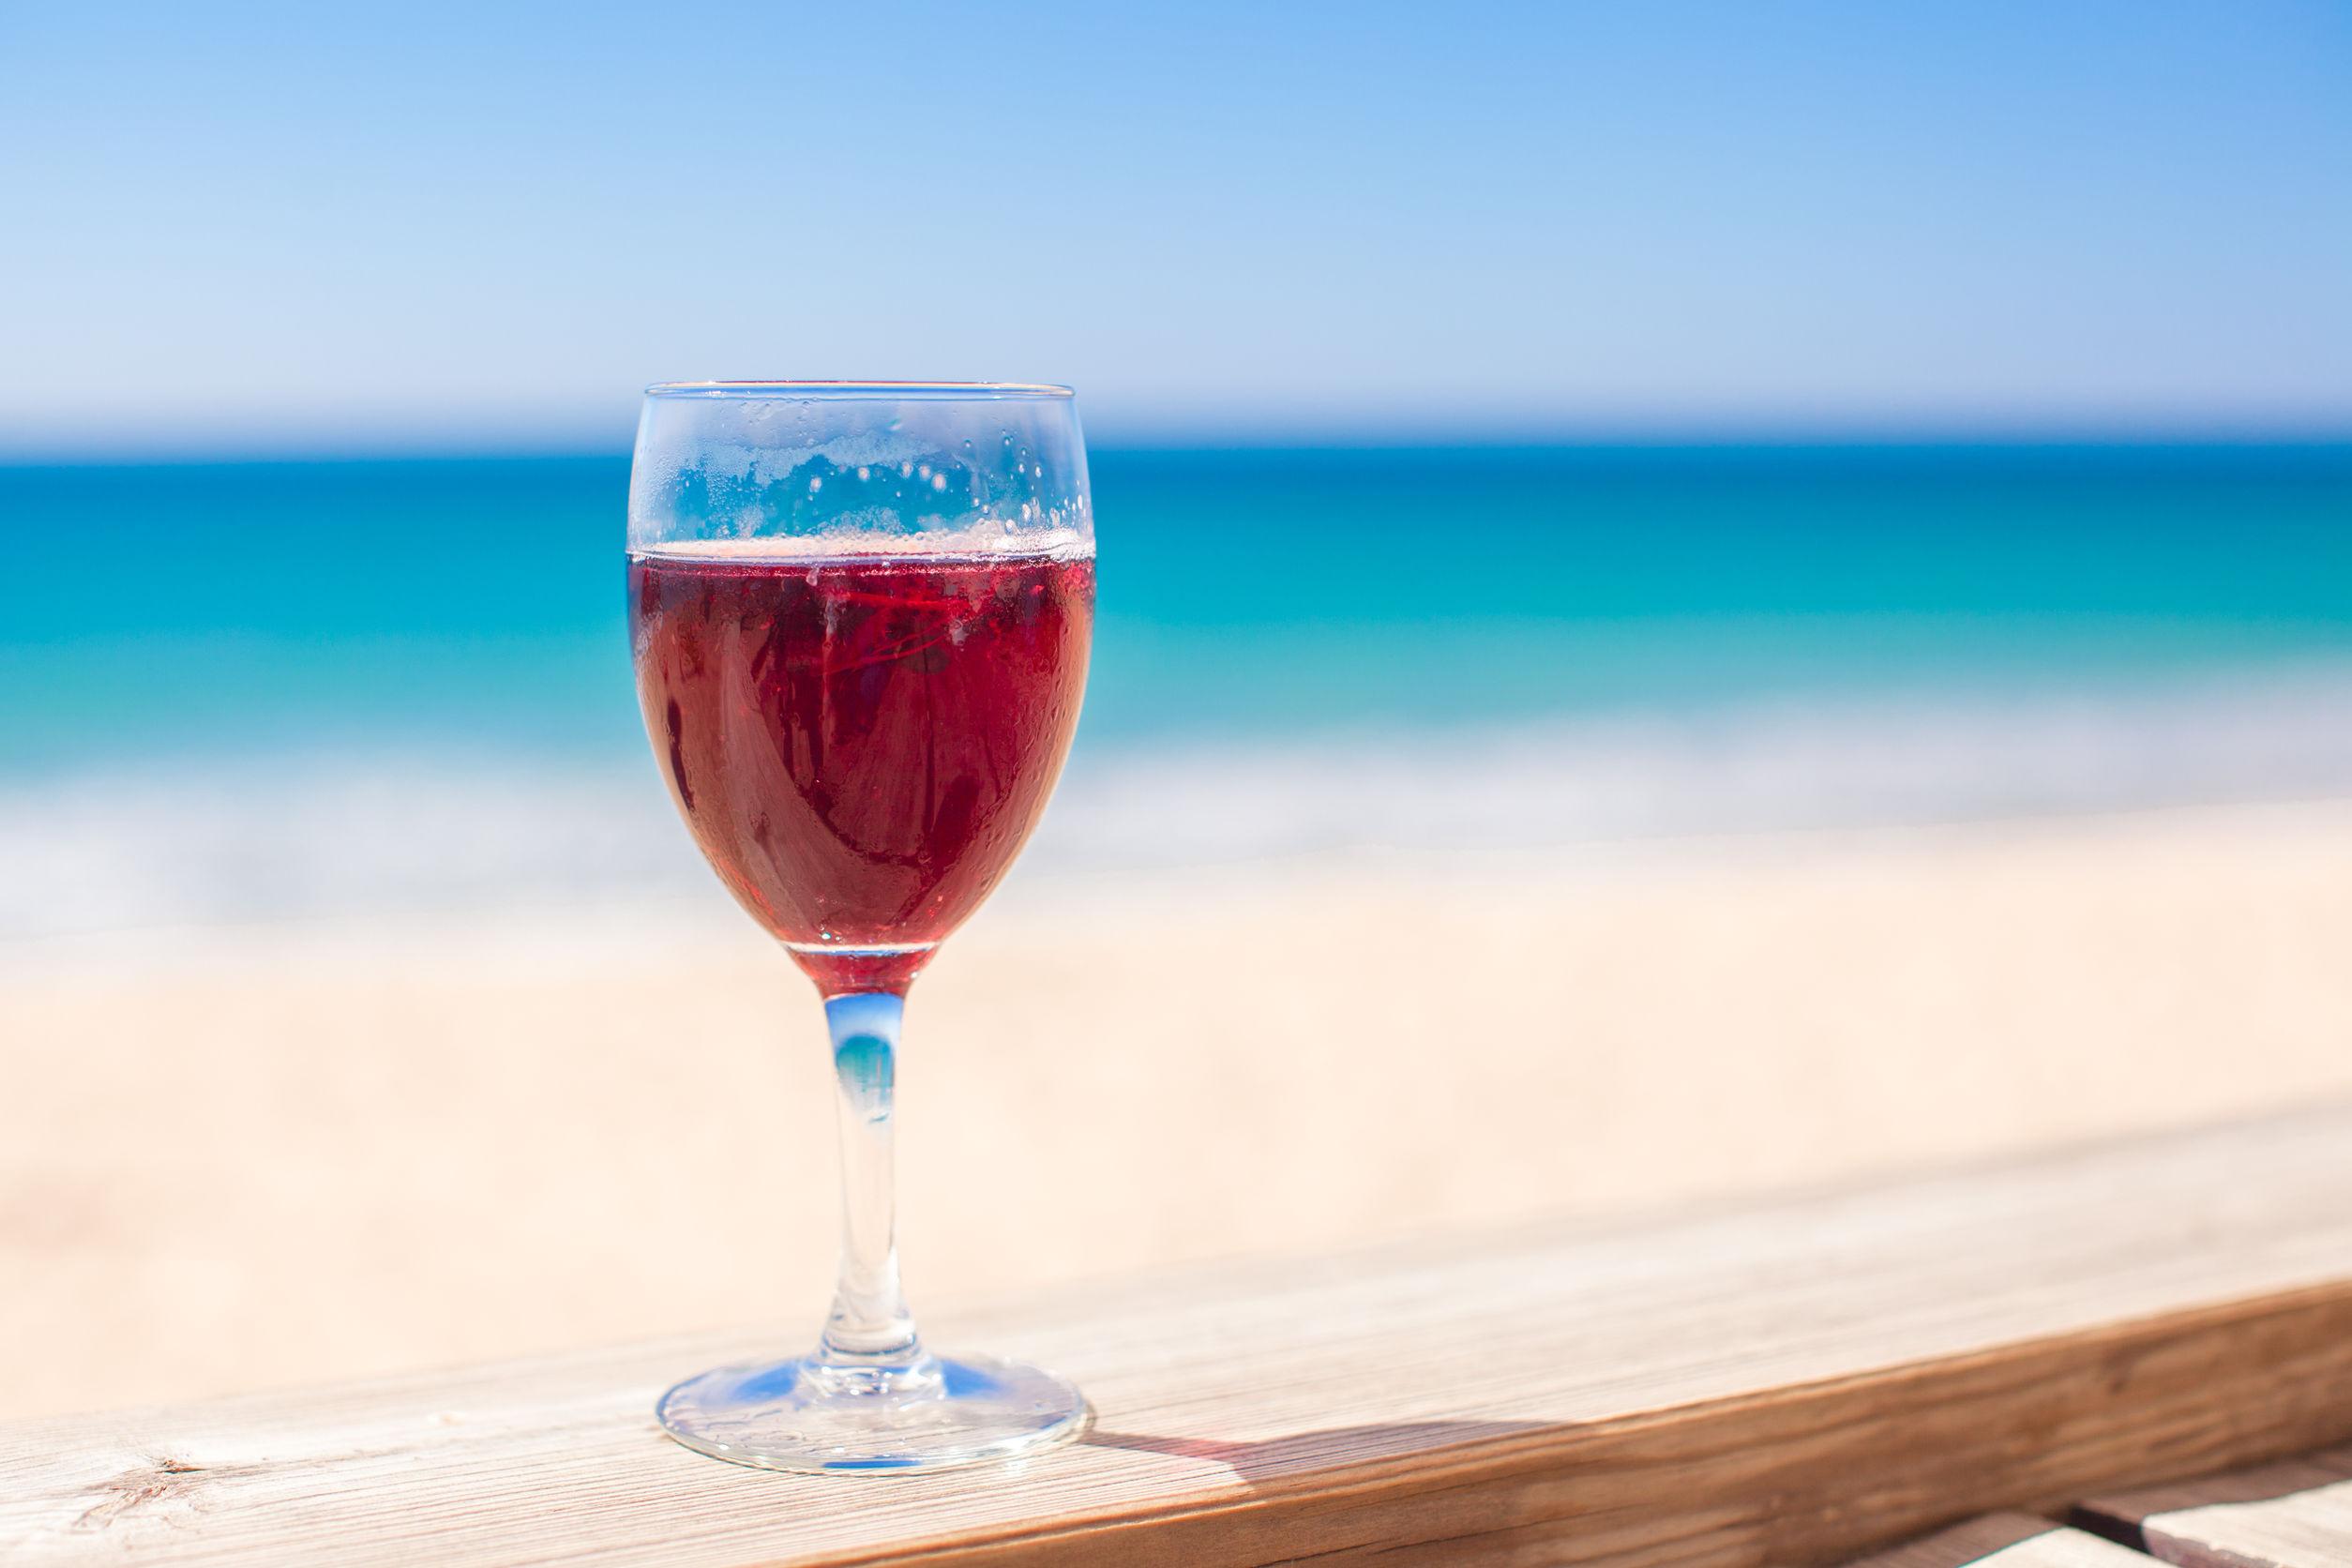 Teritorii neexplorate. Regiunile care vor redesena harta vinului din Europa